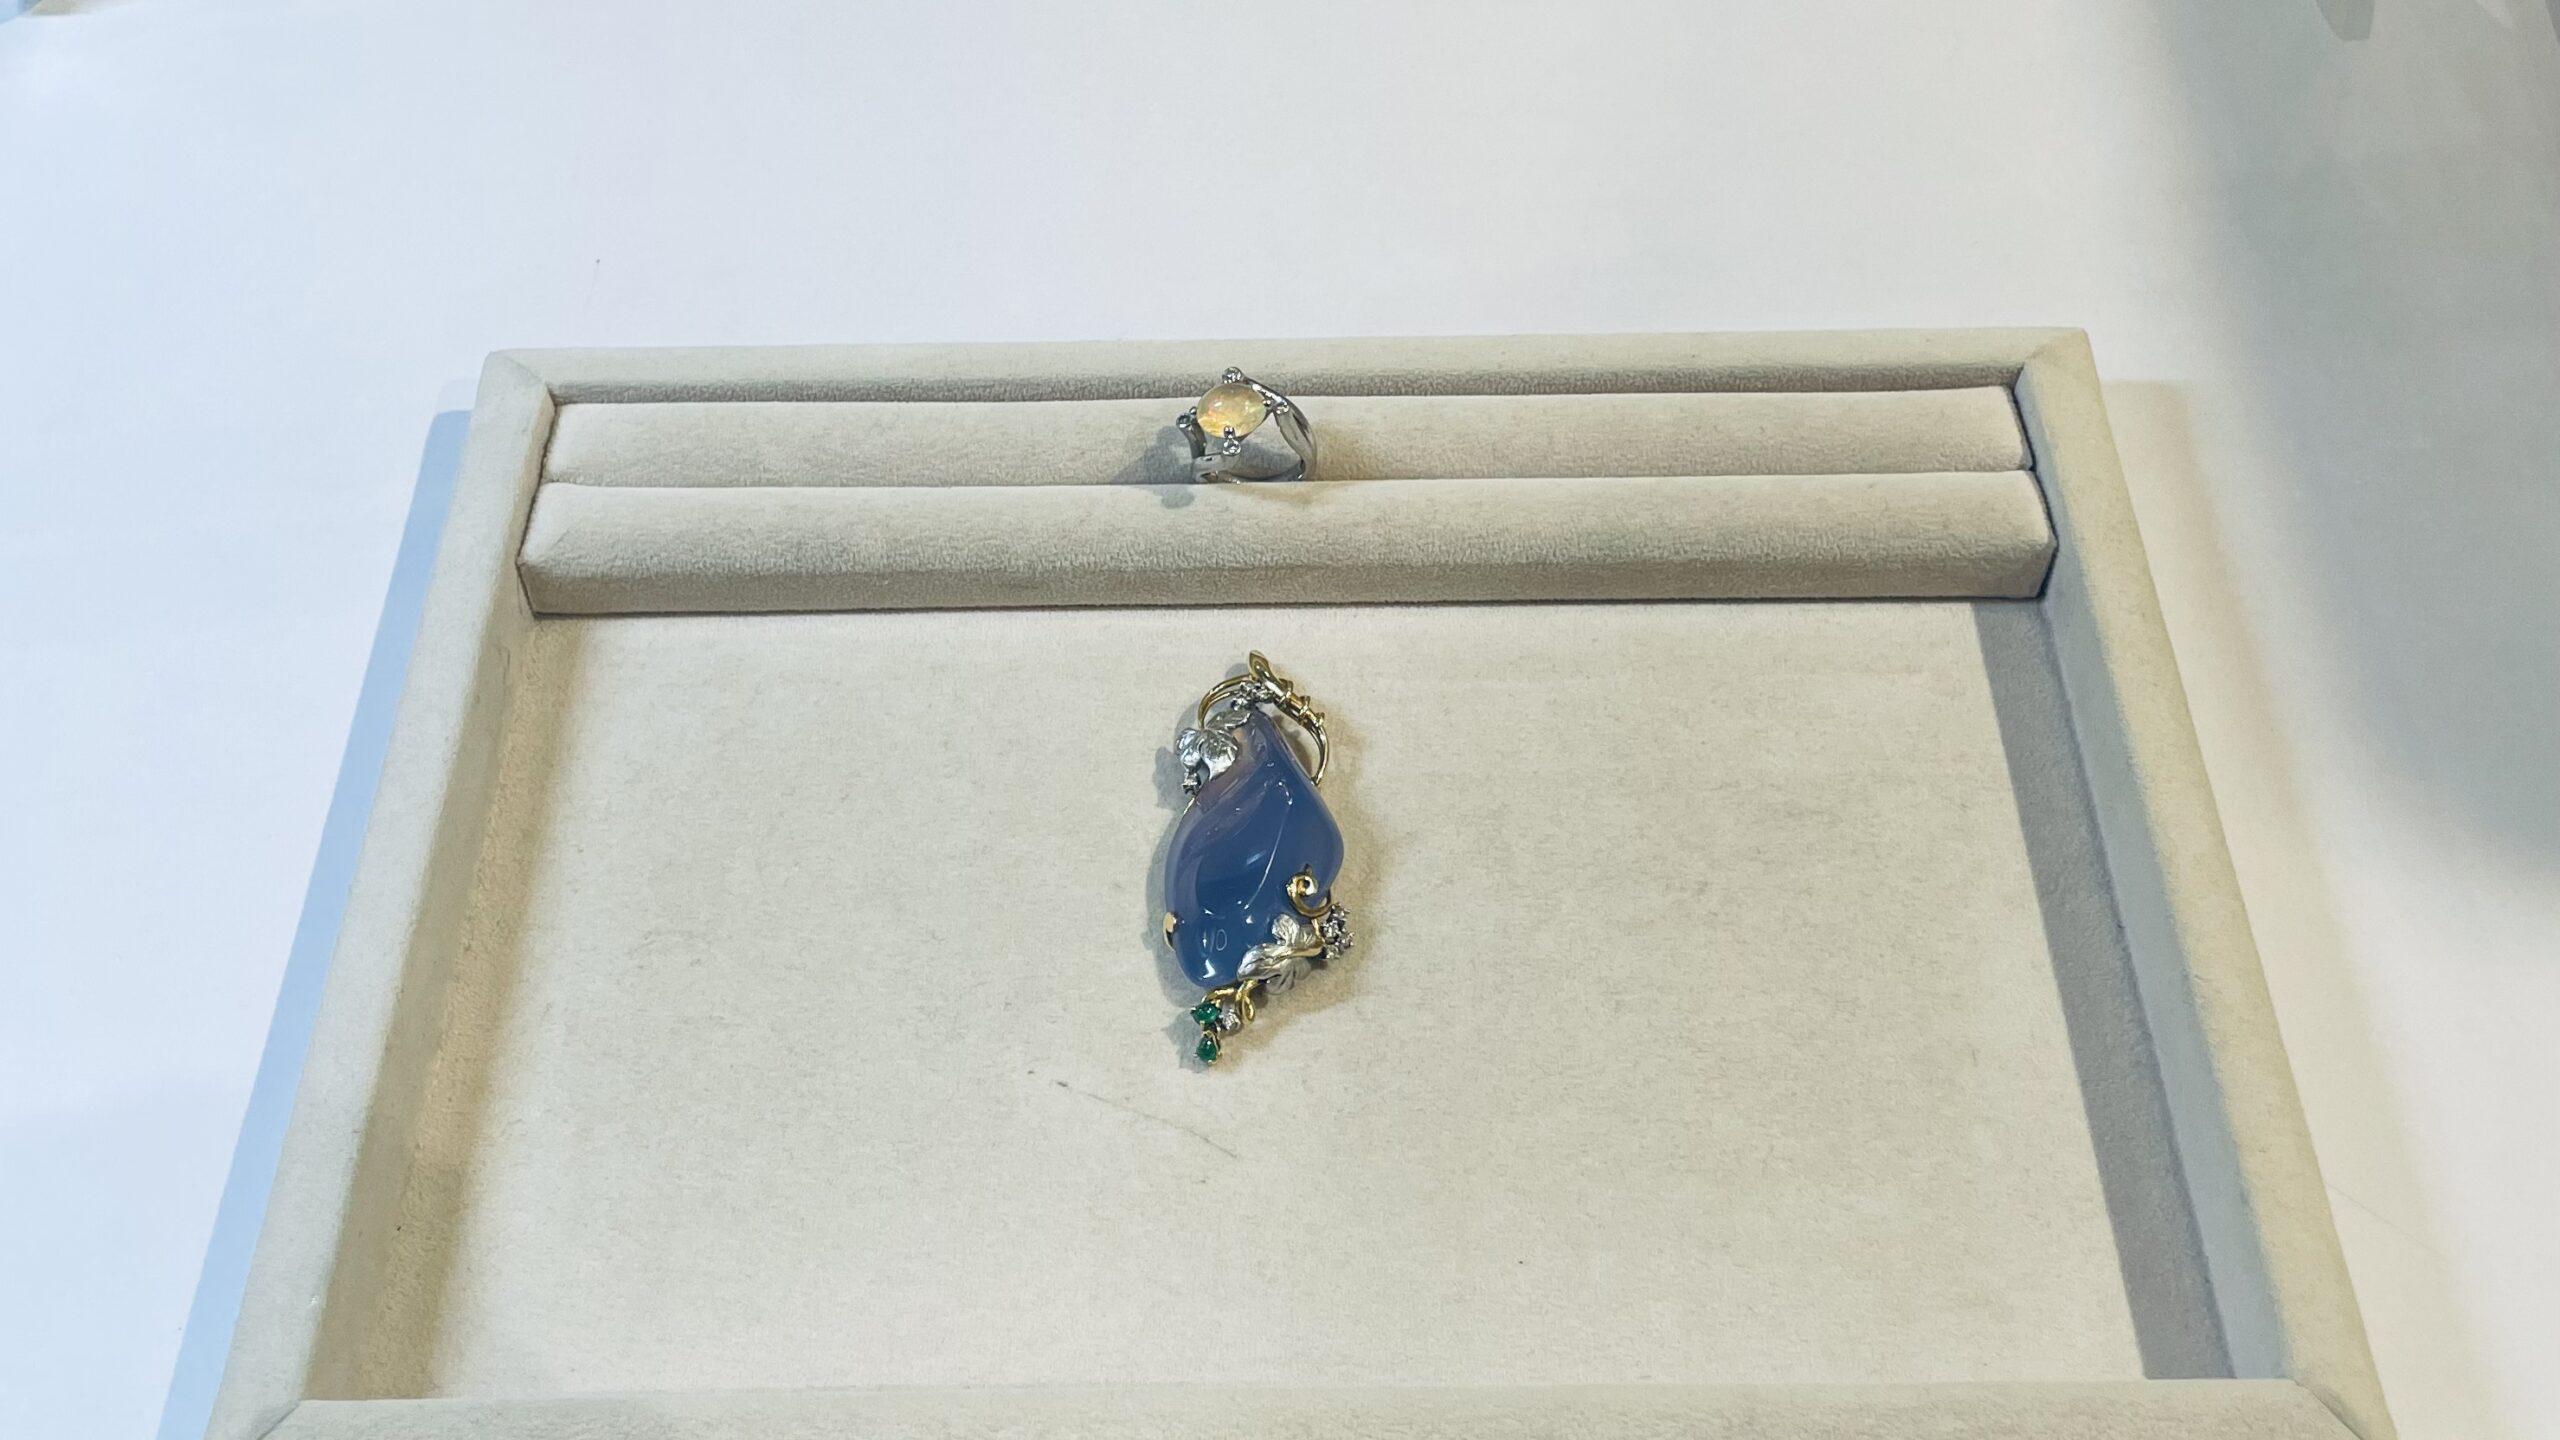 【買取速報】エメラルド、カルセドニー、ダイヤモンド、メキシコオパール、ペンダントトップ、指輪-2021-03-05